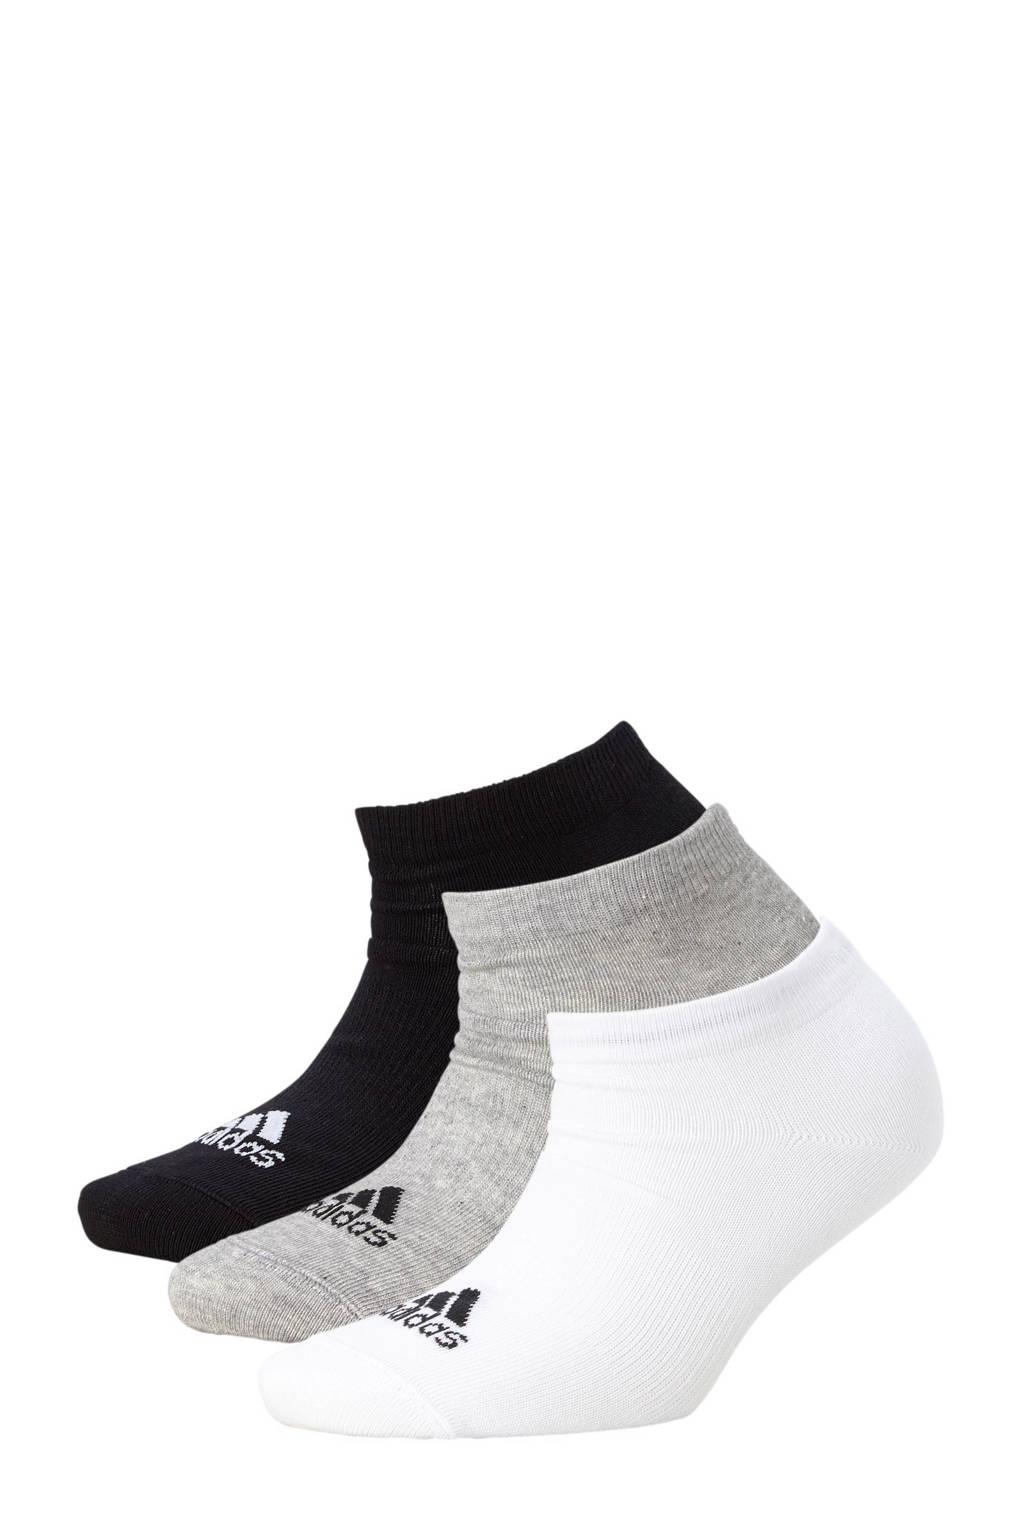 adidas performance sneakersokken, Wit/ grijs/ zwart